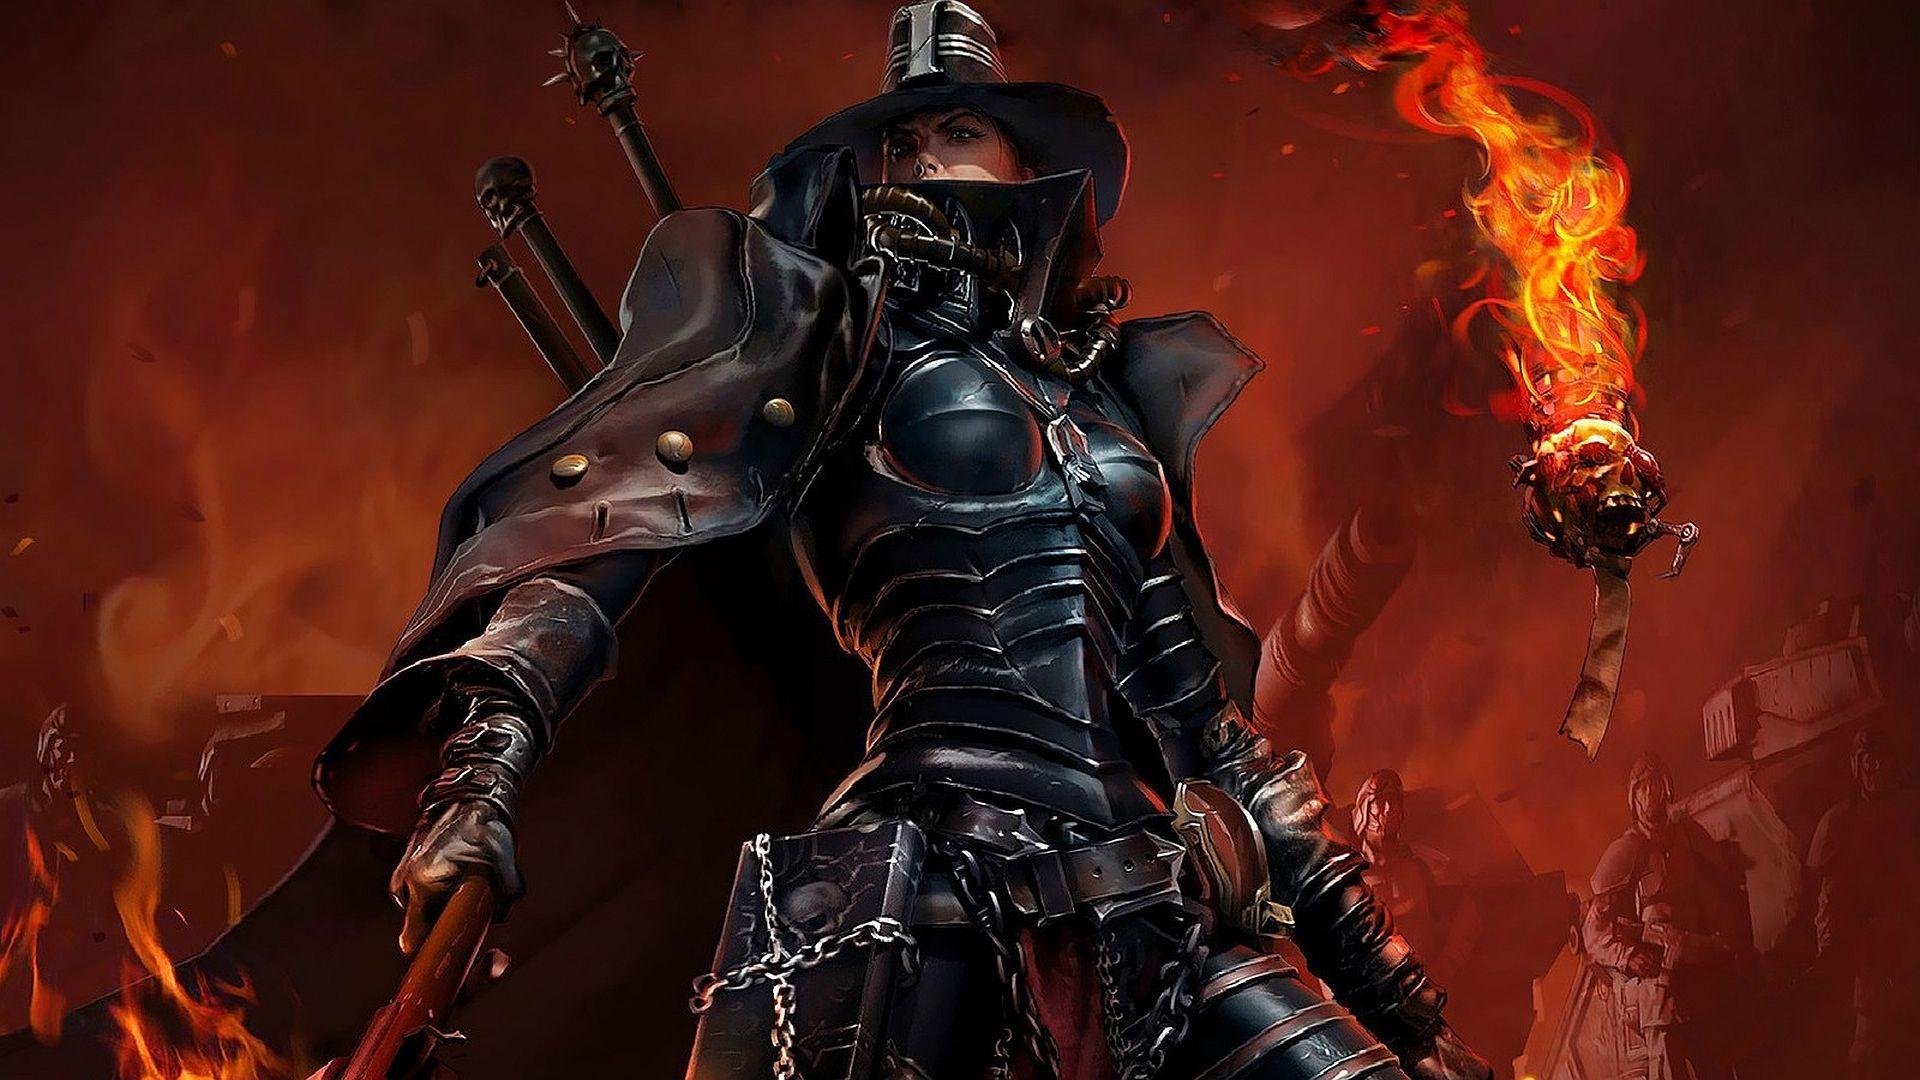 Video Game Warhammer Wallpaper Wallpaper backgrounds